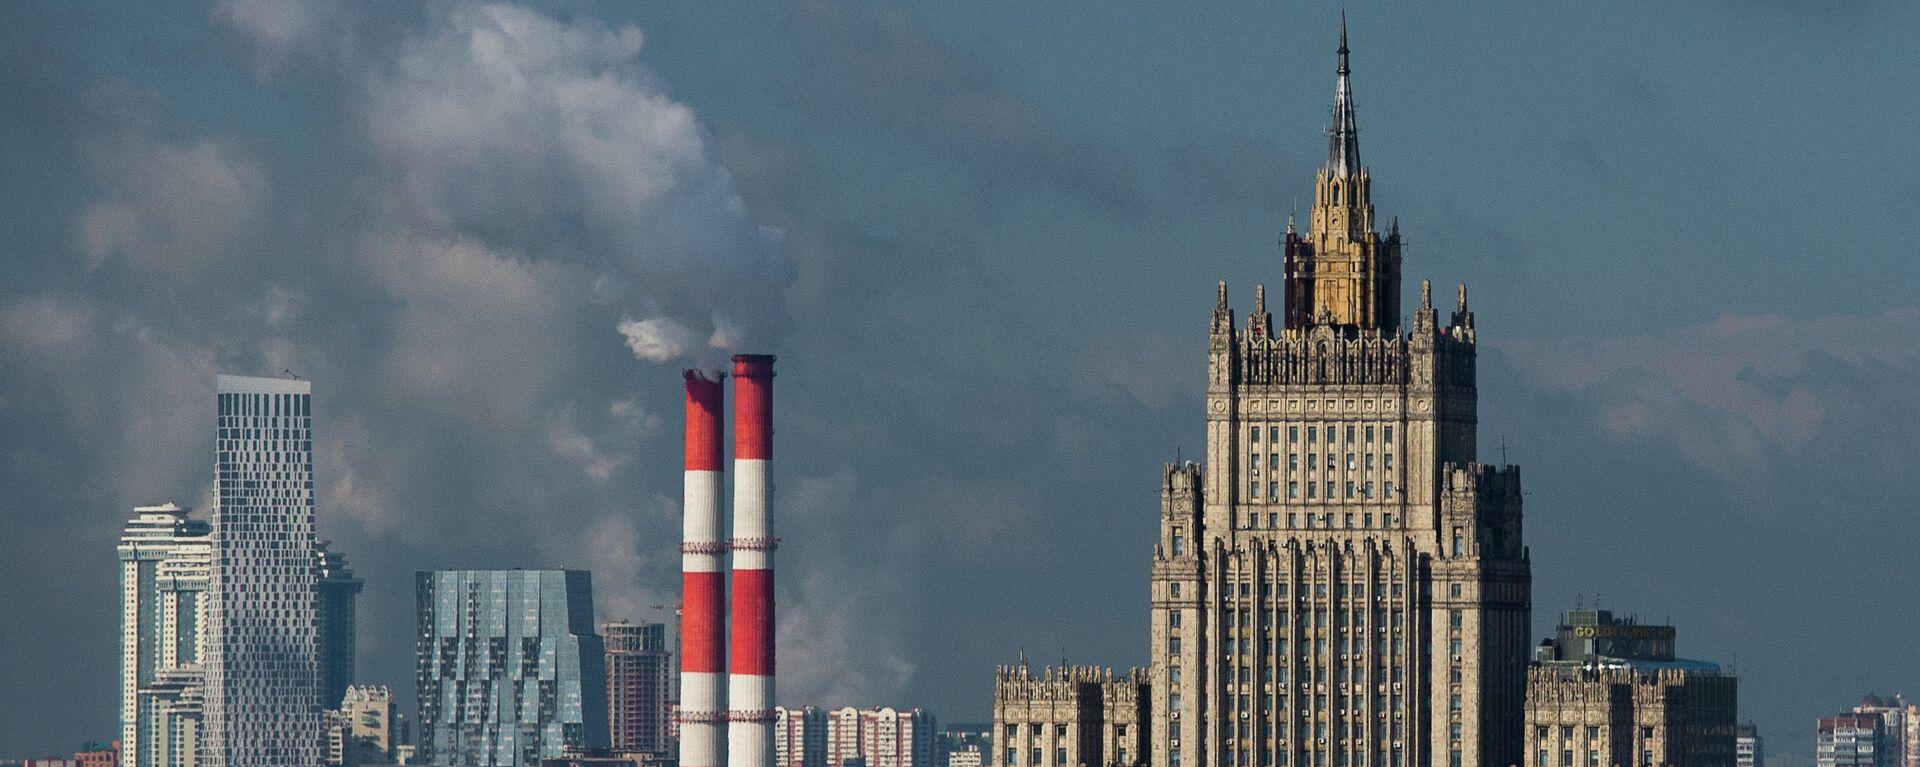 Города России. Москва - Sputnik Mundo, 1920, 17.08.2021